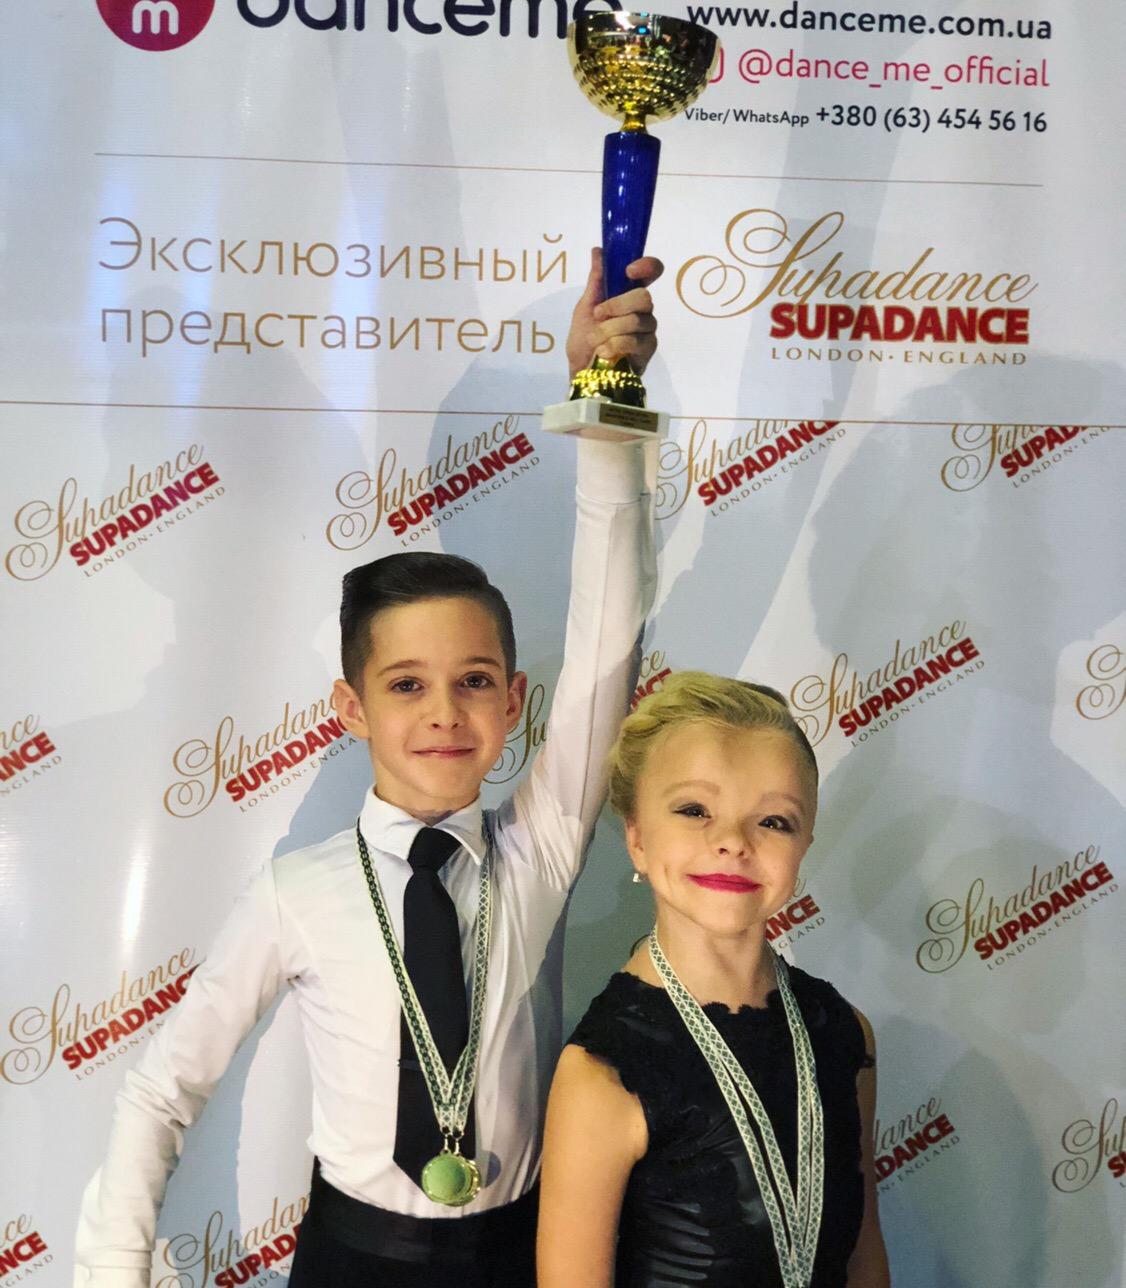 Вице-Чемпионы Республики Беларусь Дети 2 Стандарт 2019 Хомчик Захар и Холодинская Мария